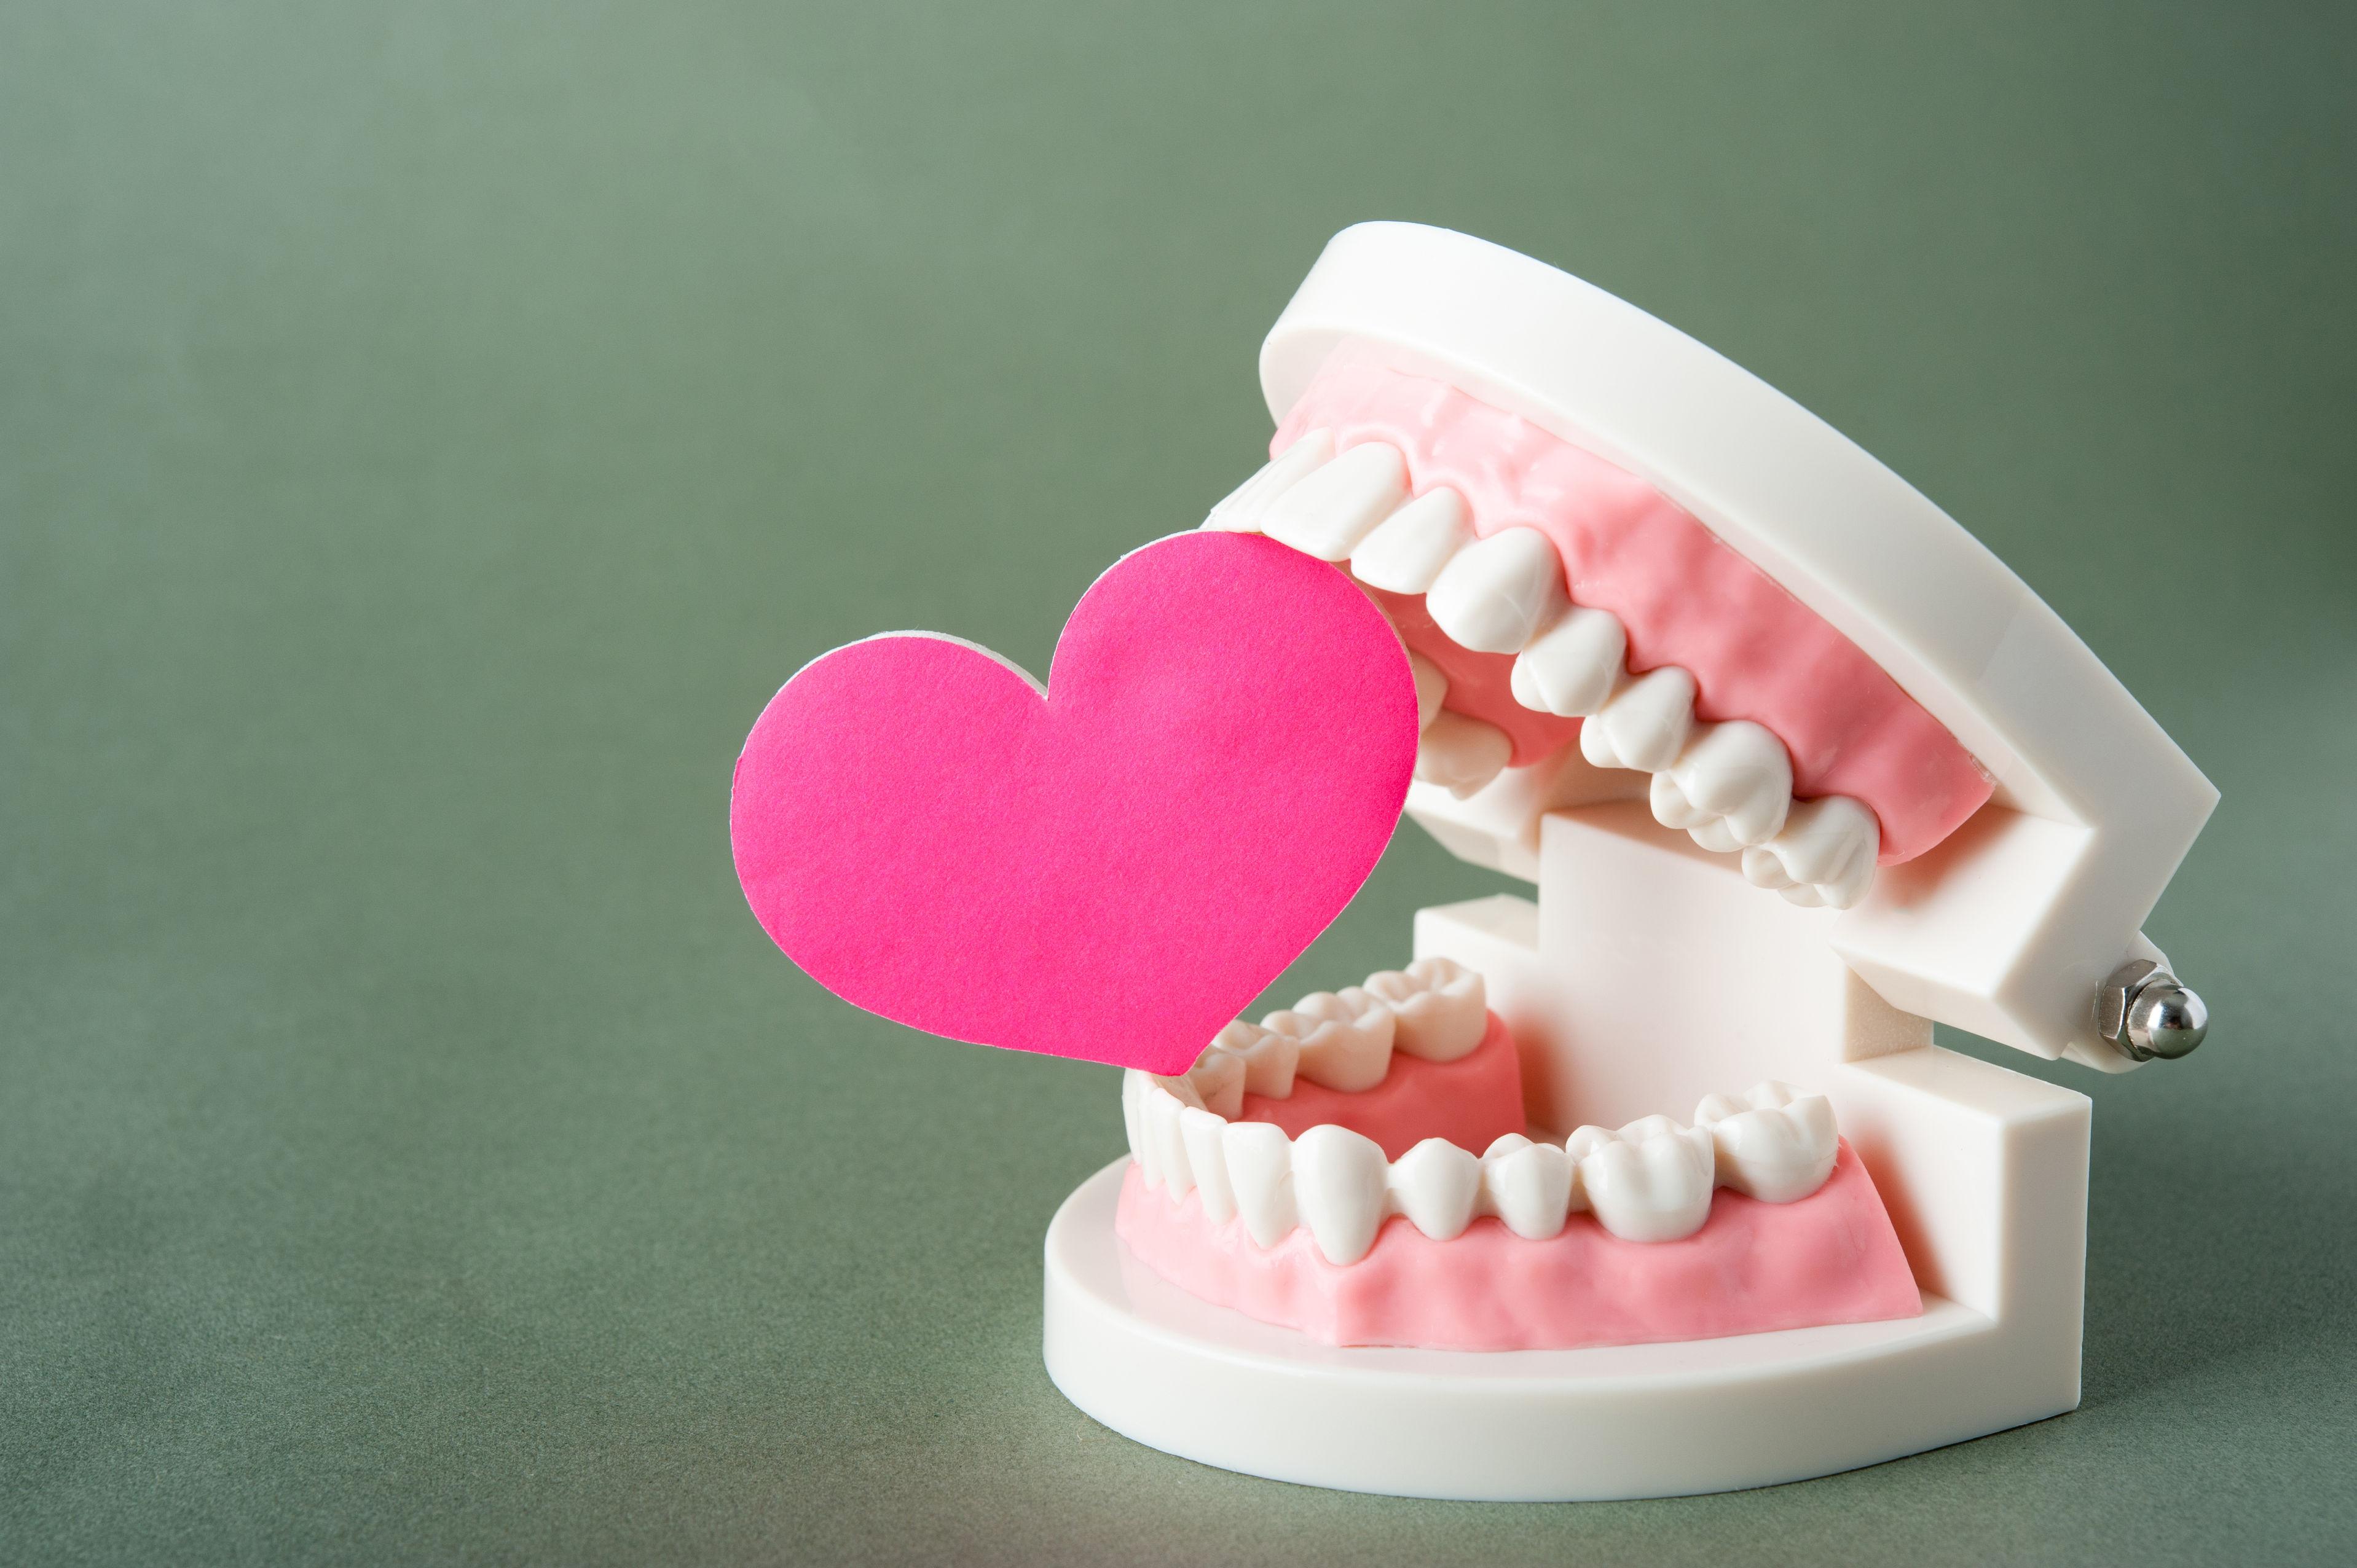 ฟันเทียมและการดูแล thaihealth